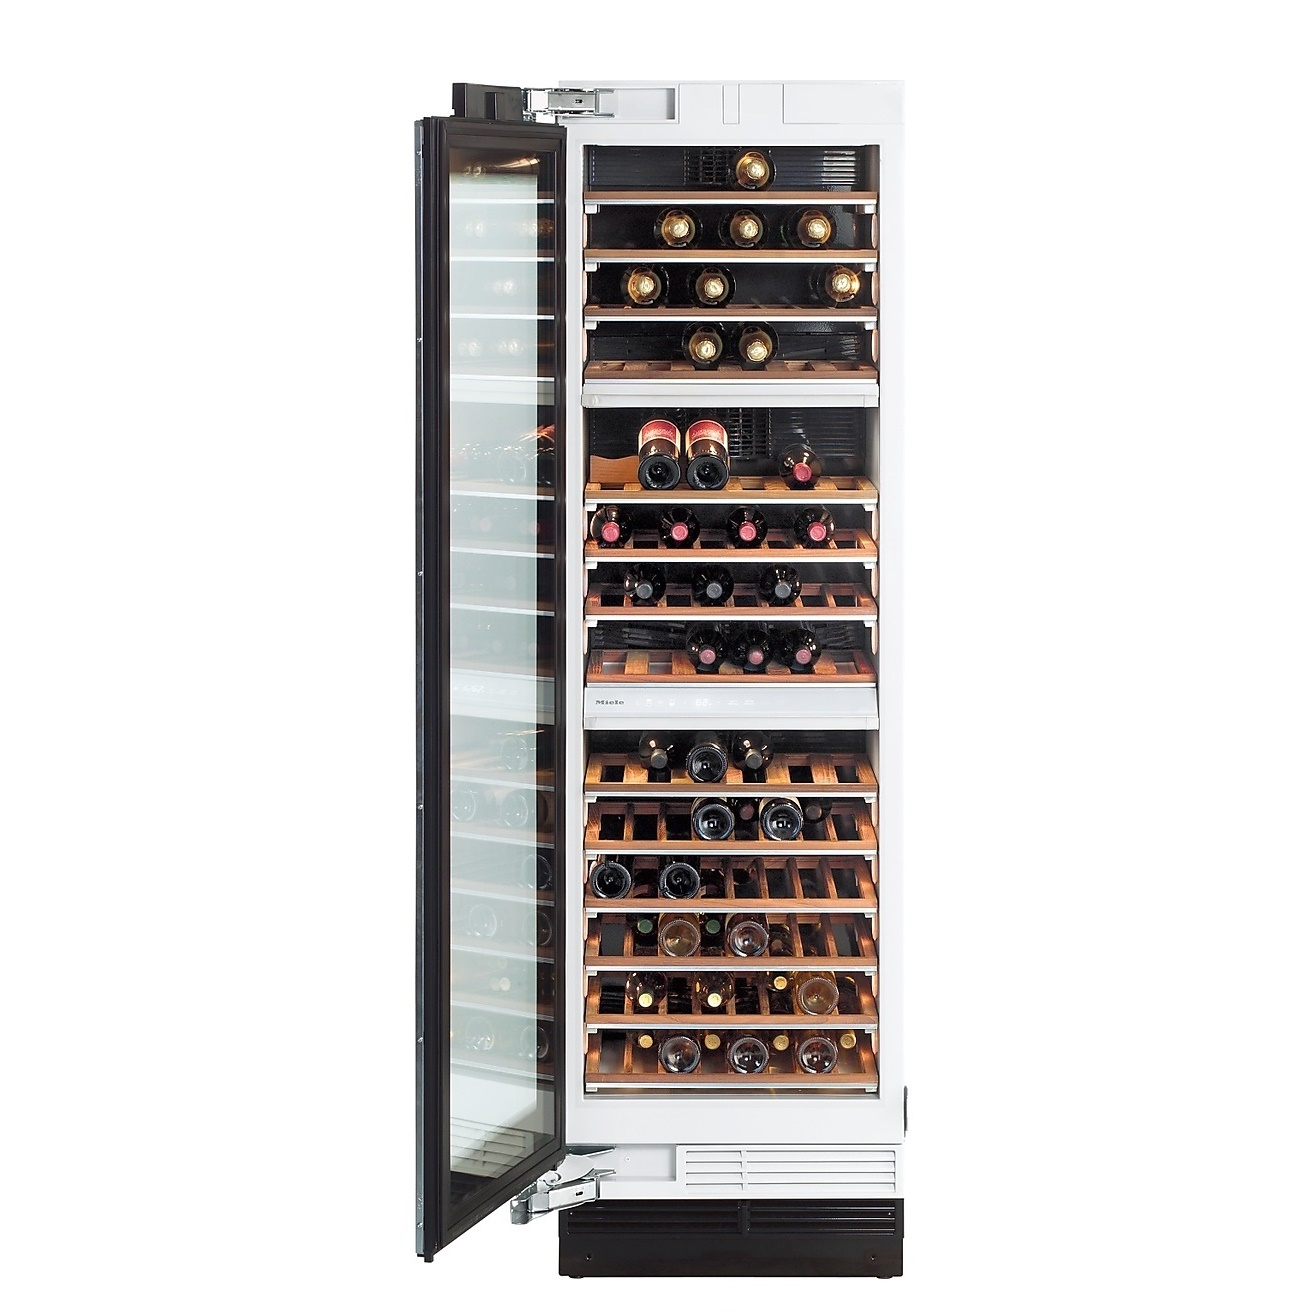 Miele ugradni vinski frižider KWT 1612 Vi - Inelektronik